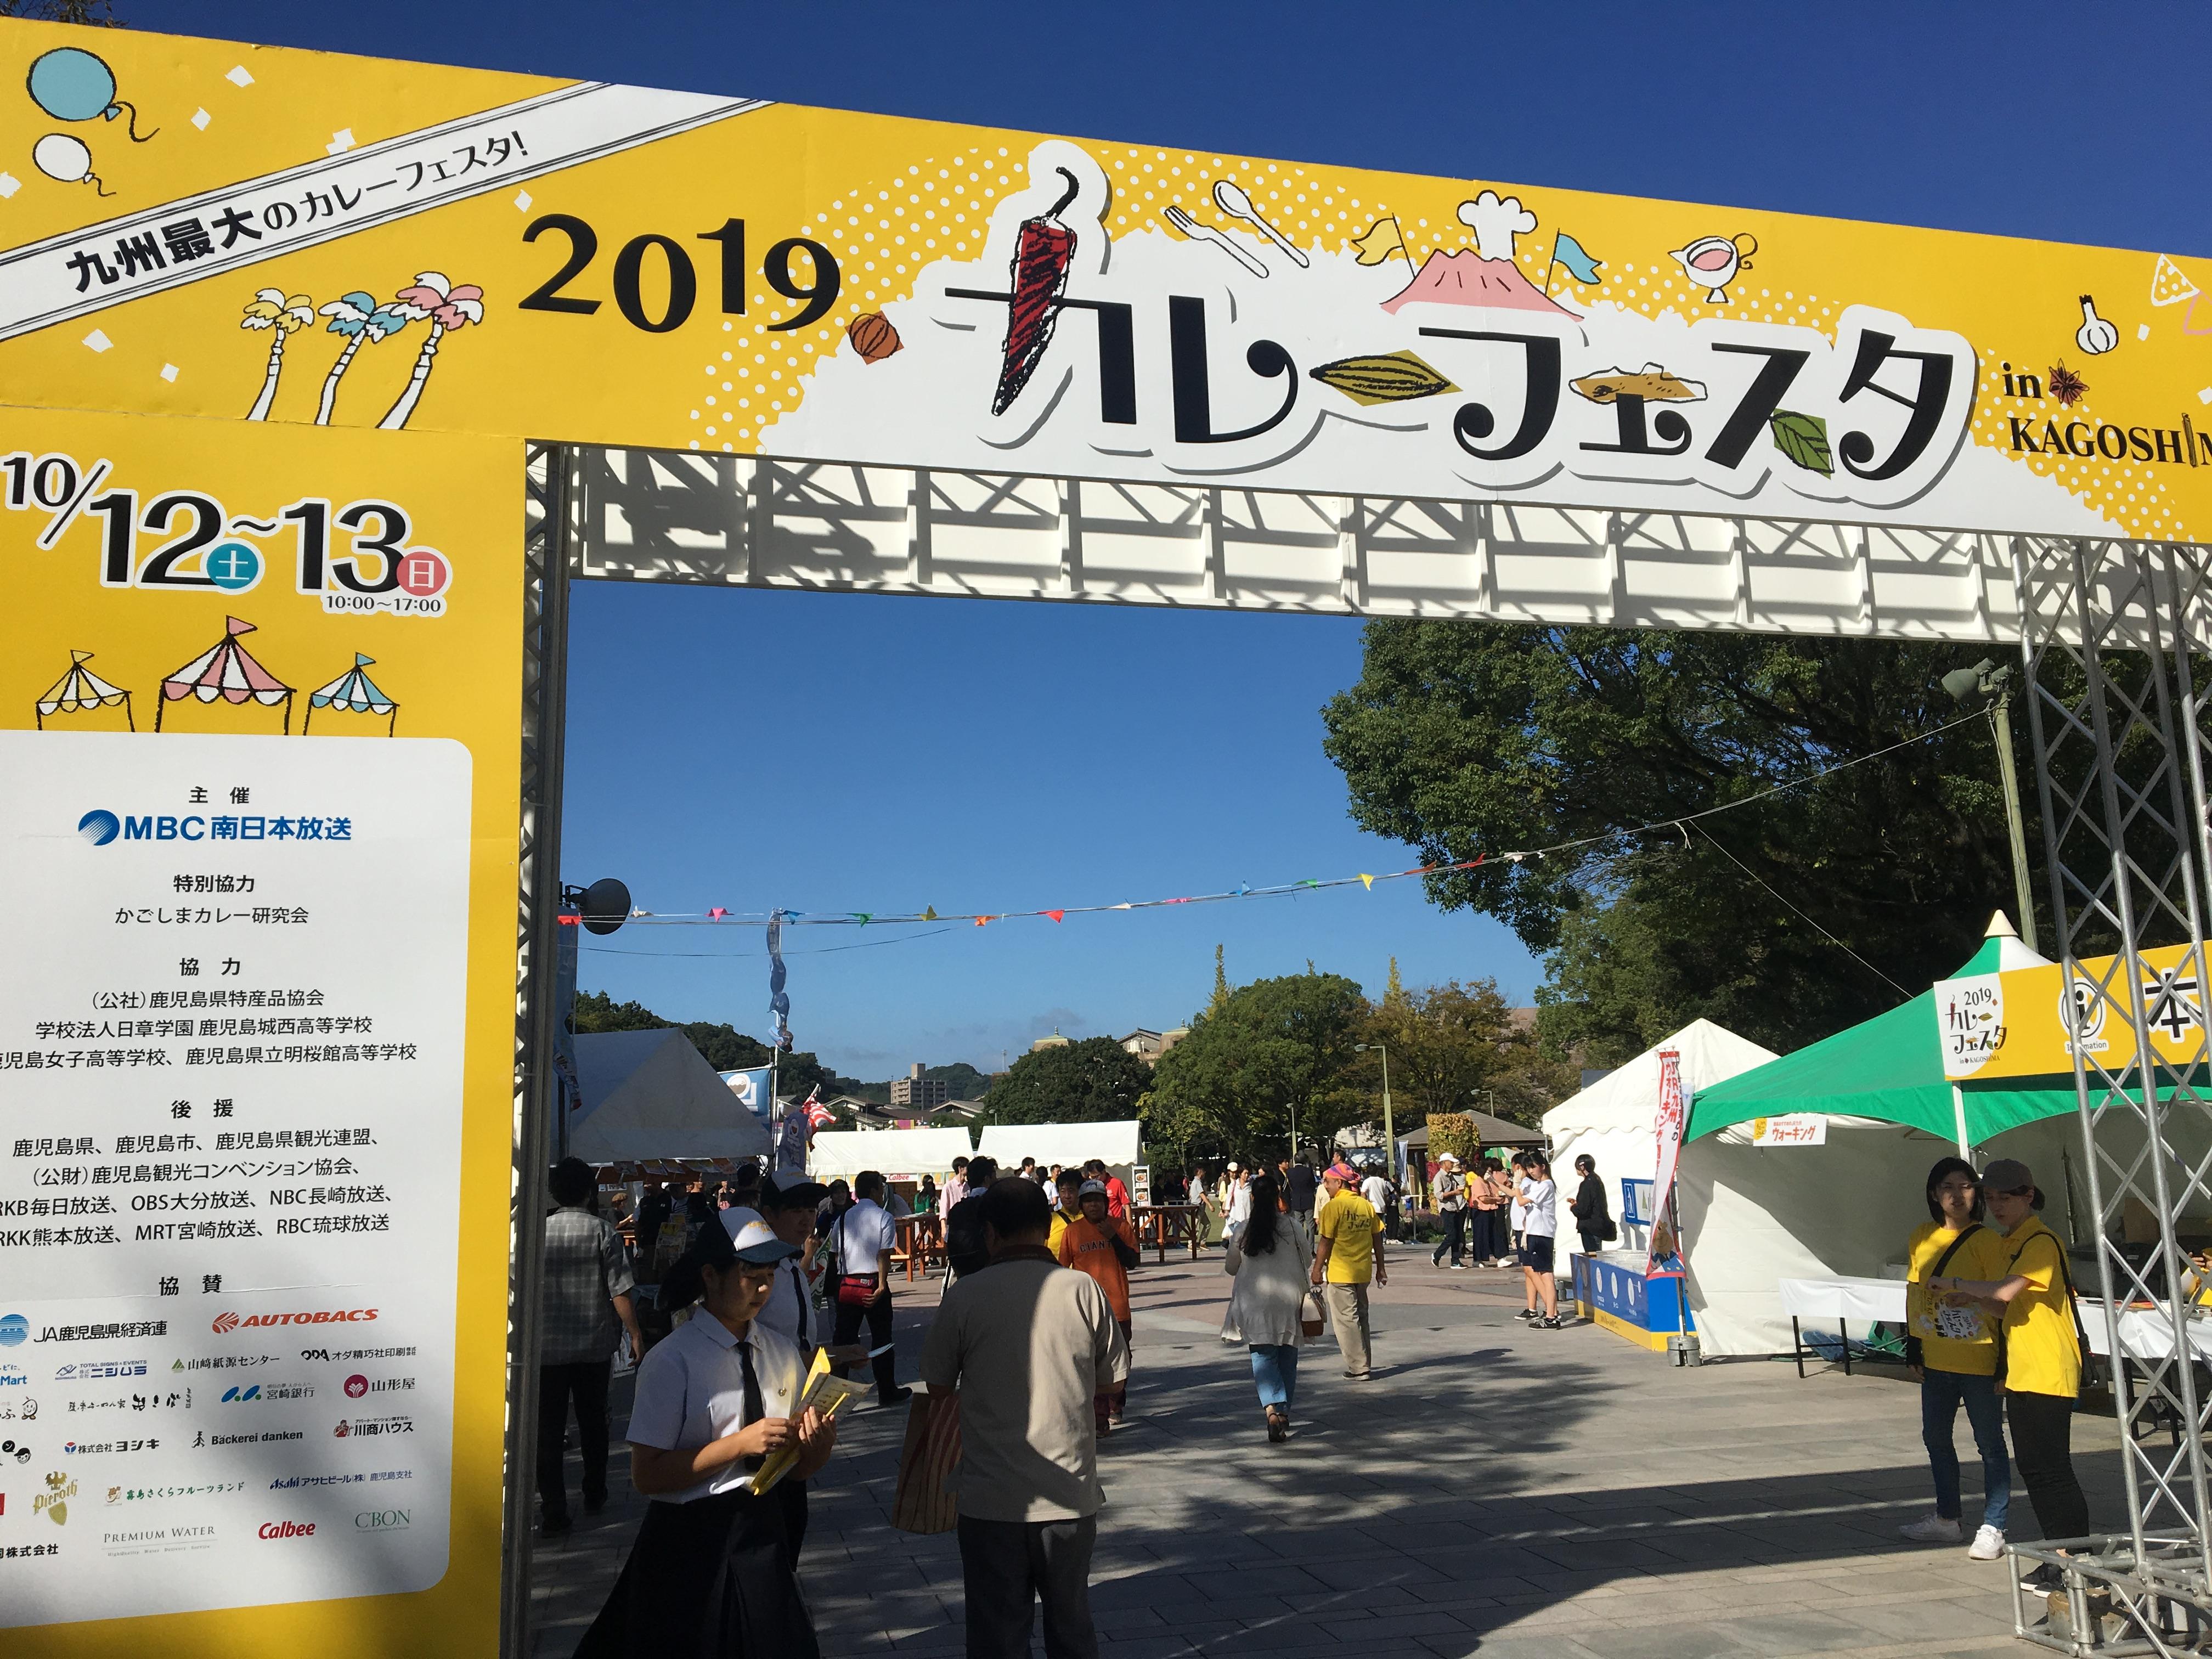 カレー以外も色々あるよ!カレーフェスタinKagoshima2019初日レポ!